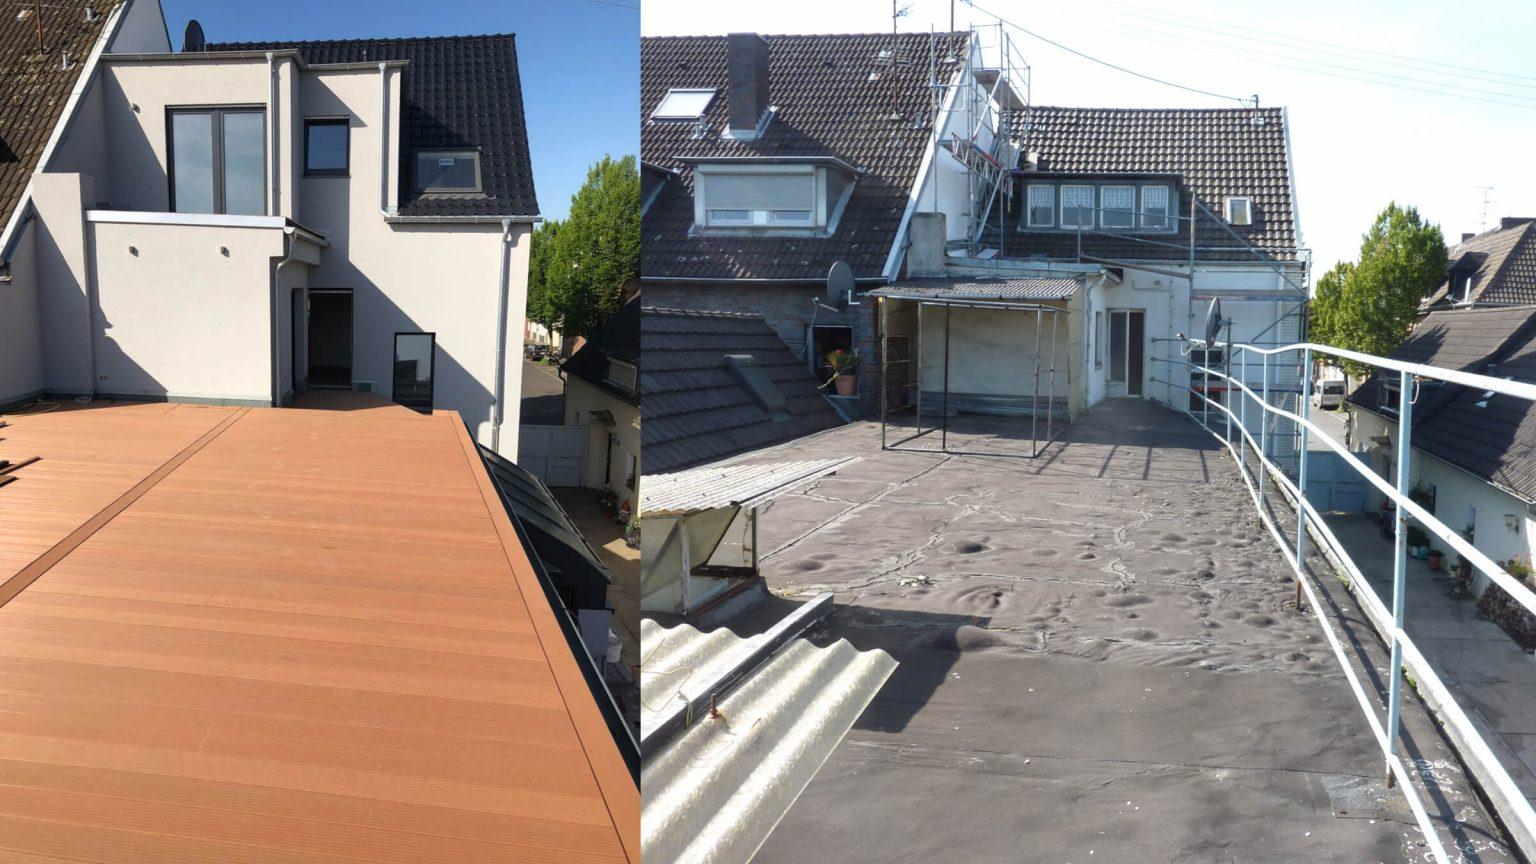 Architekt Umbau Sanierung Dachterrasse